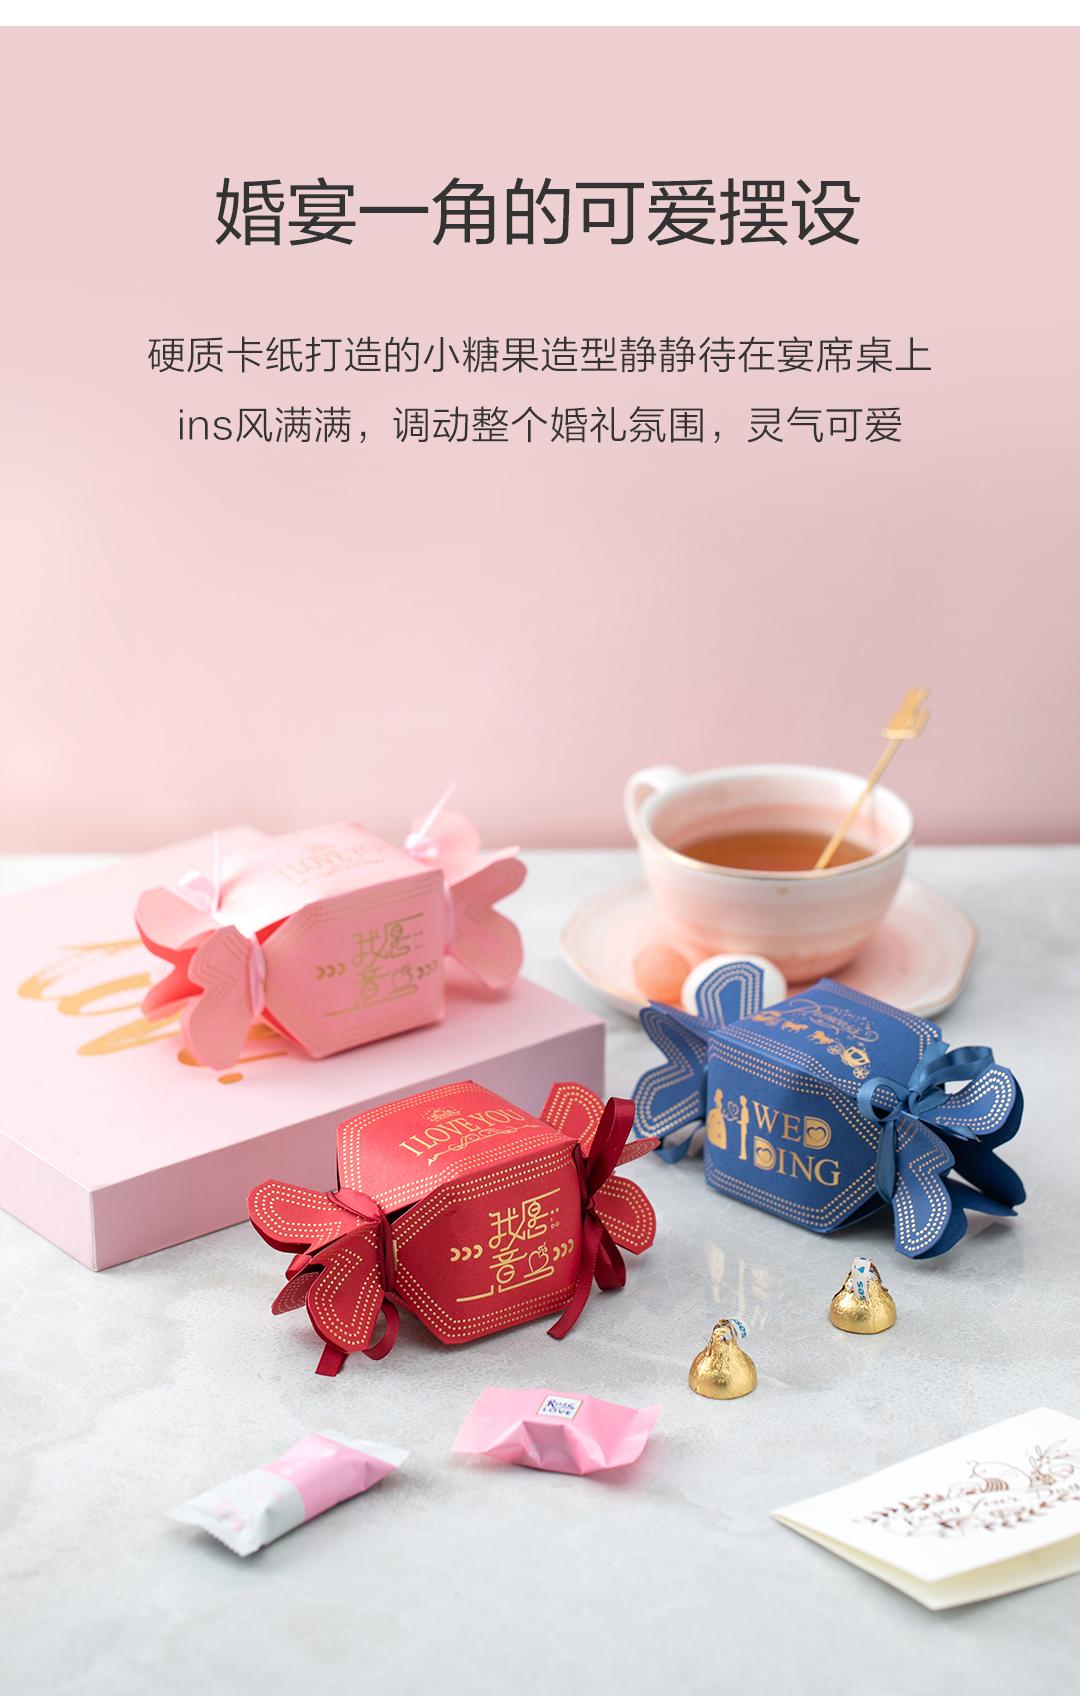 日系风格糖果糖盒